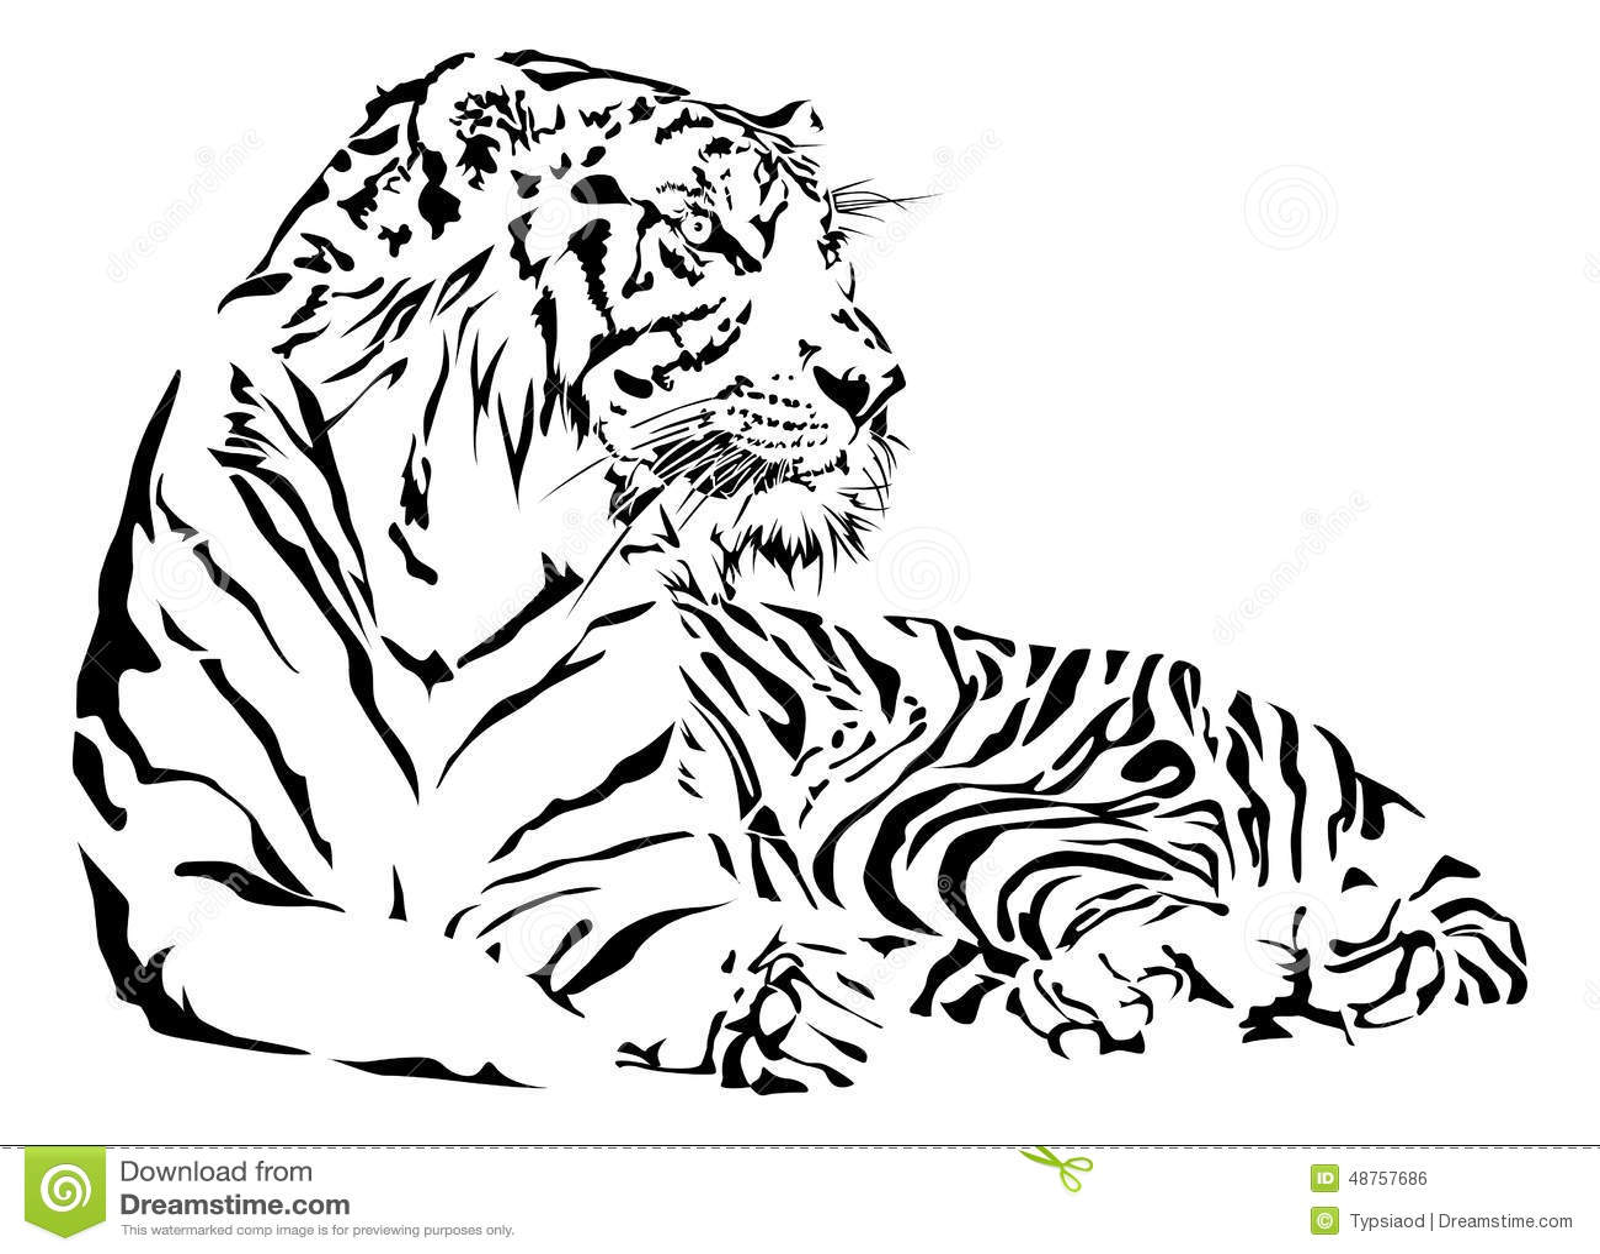 Tigre In Bianco E Nero Illustrazione Vettoriale